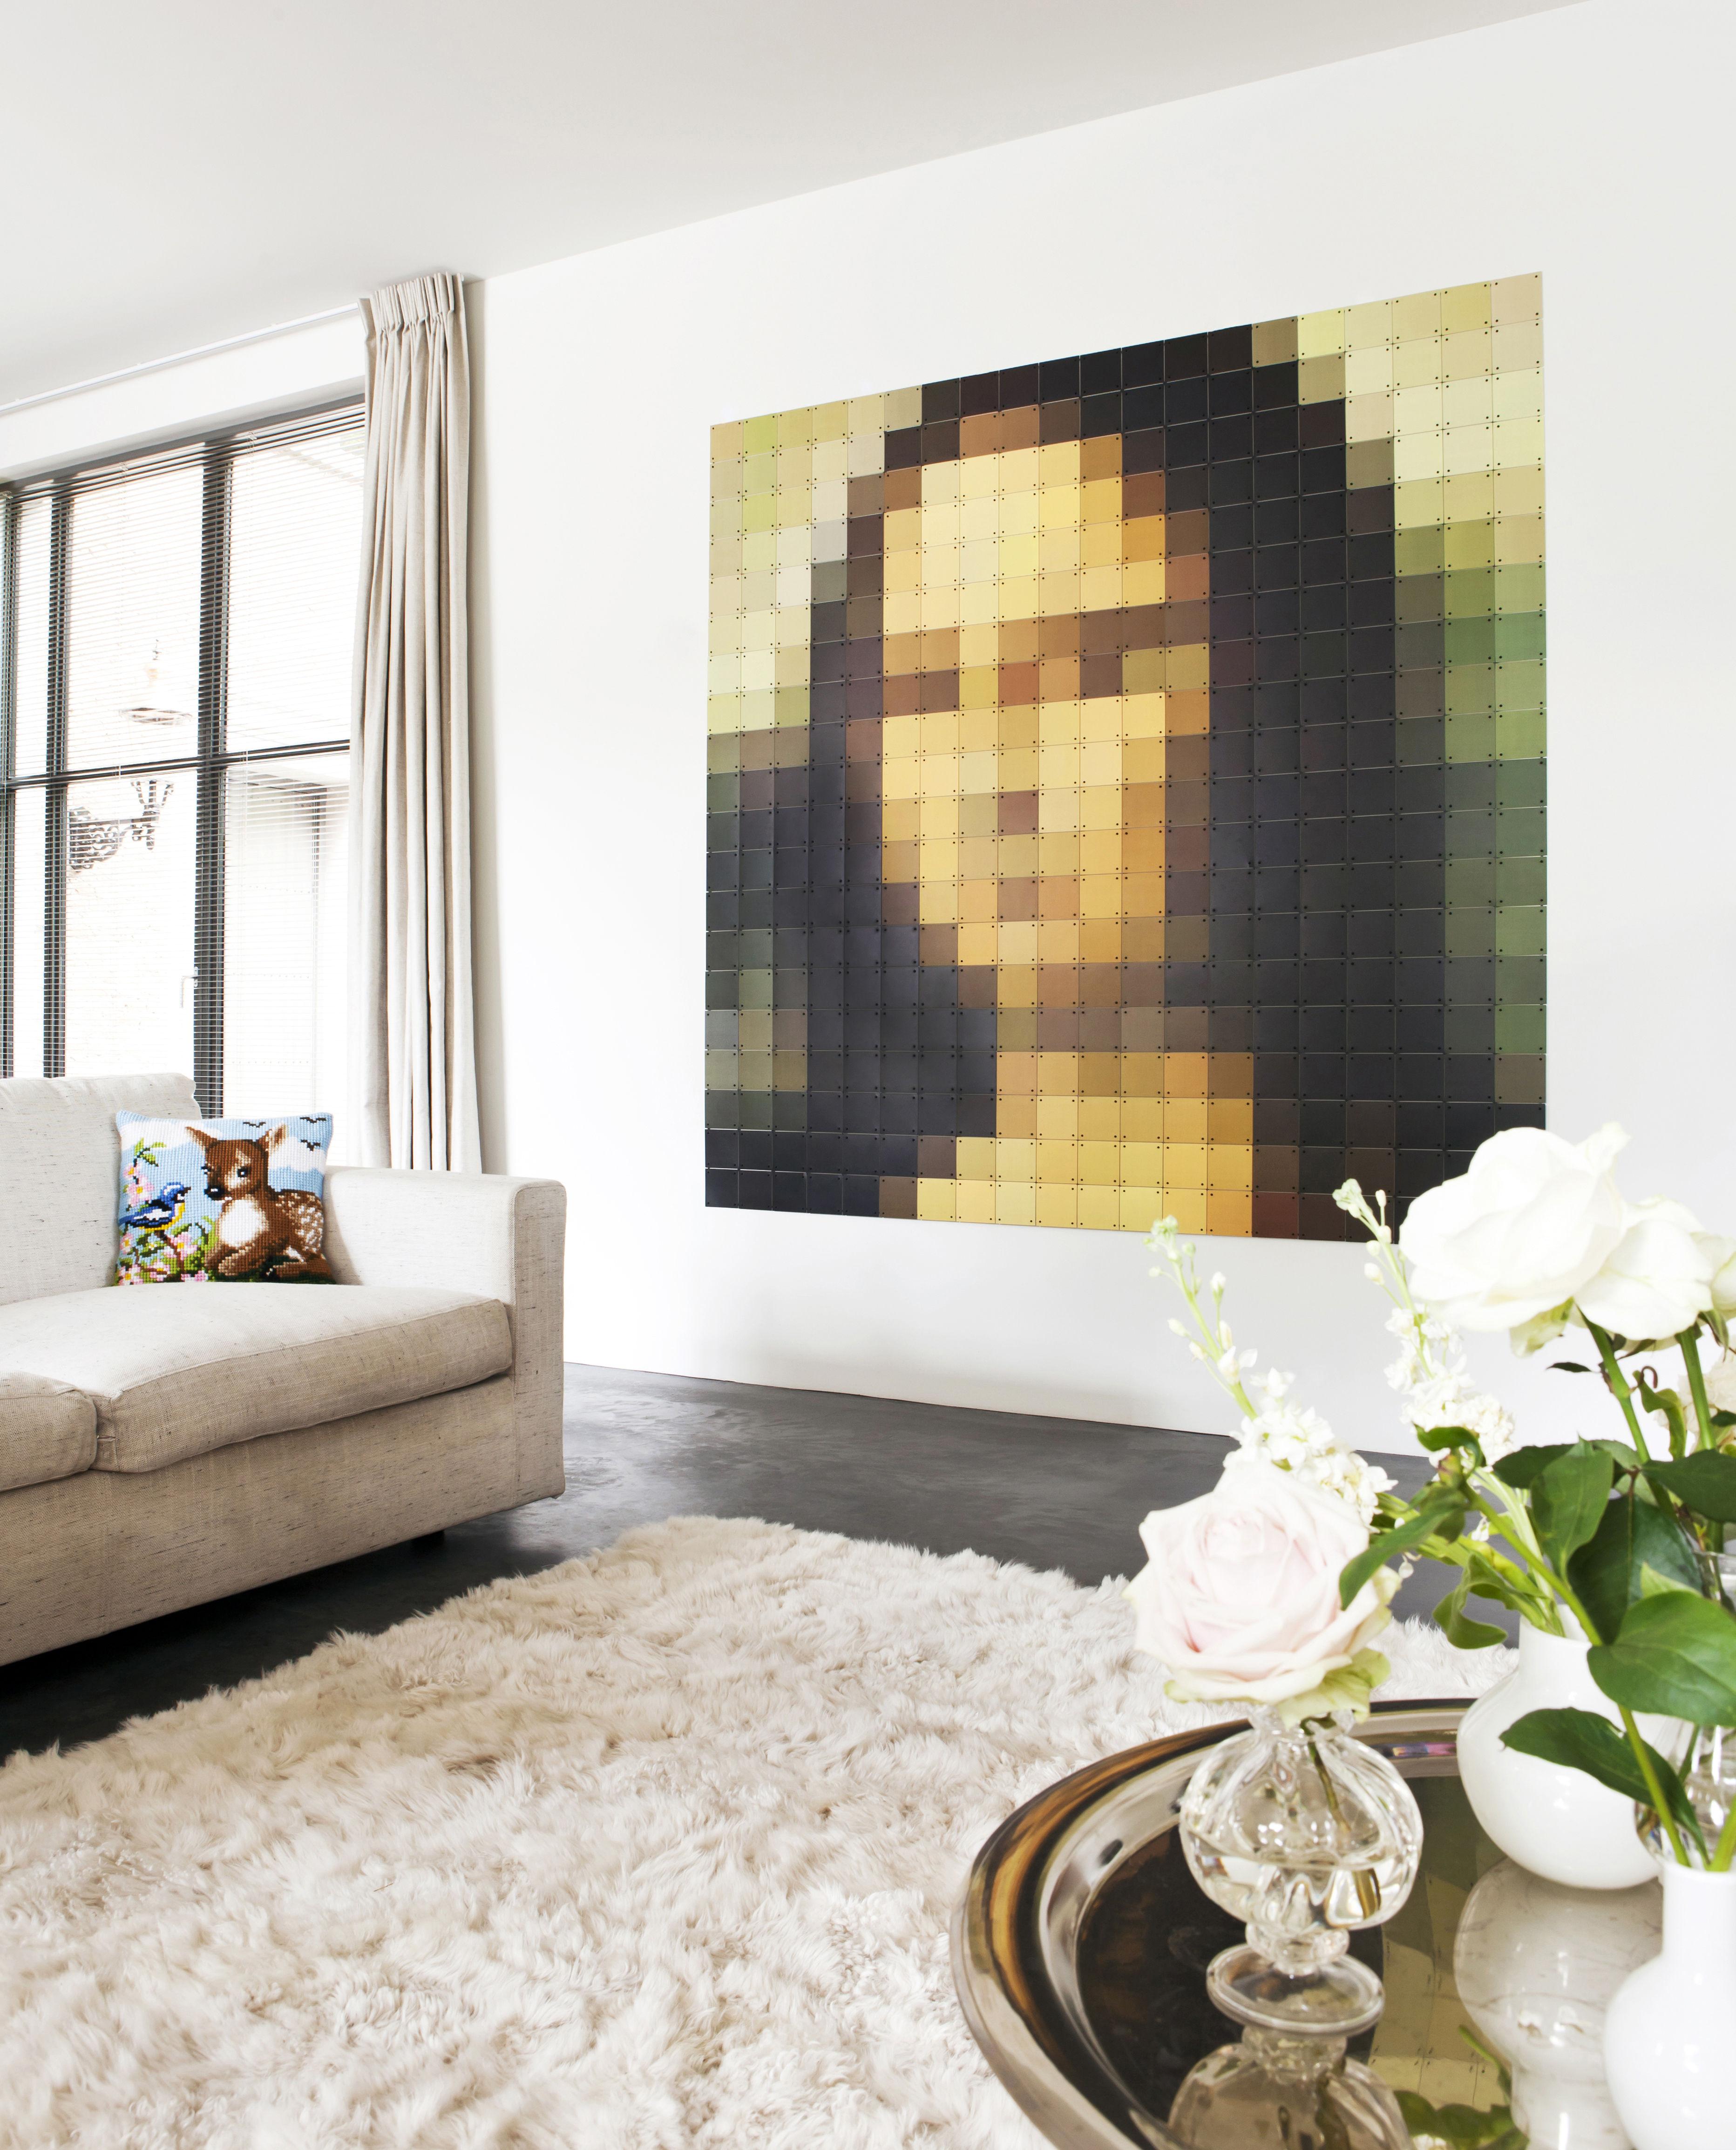 Déco - Objets déco et cadres-photos - Tableau Mona Lisa / 200 x 200 cm - ixxi - Multicolore / Mona Lisa - Papier synthétique